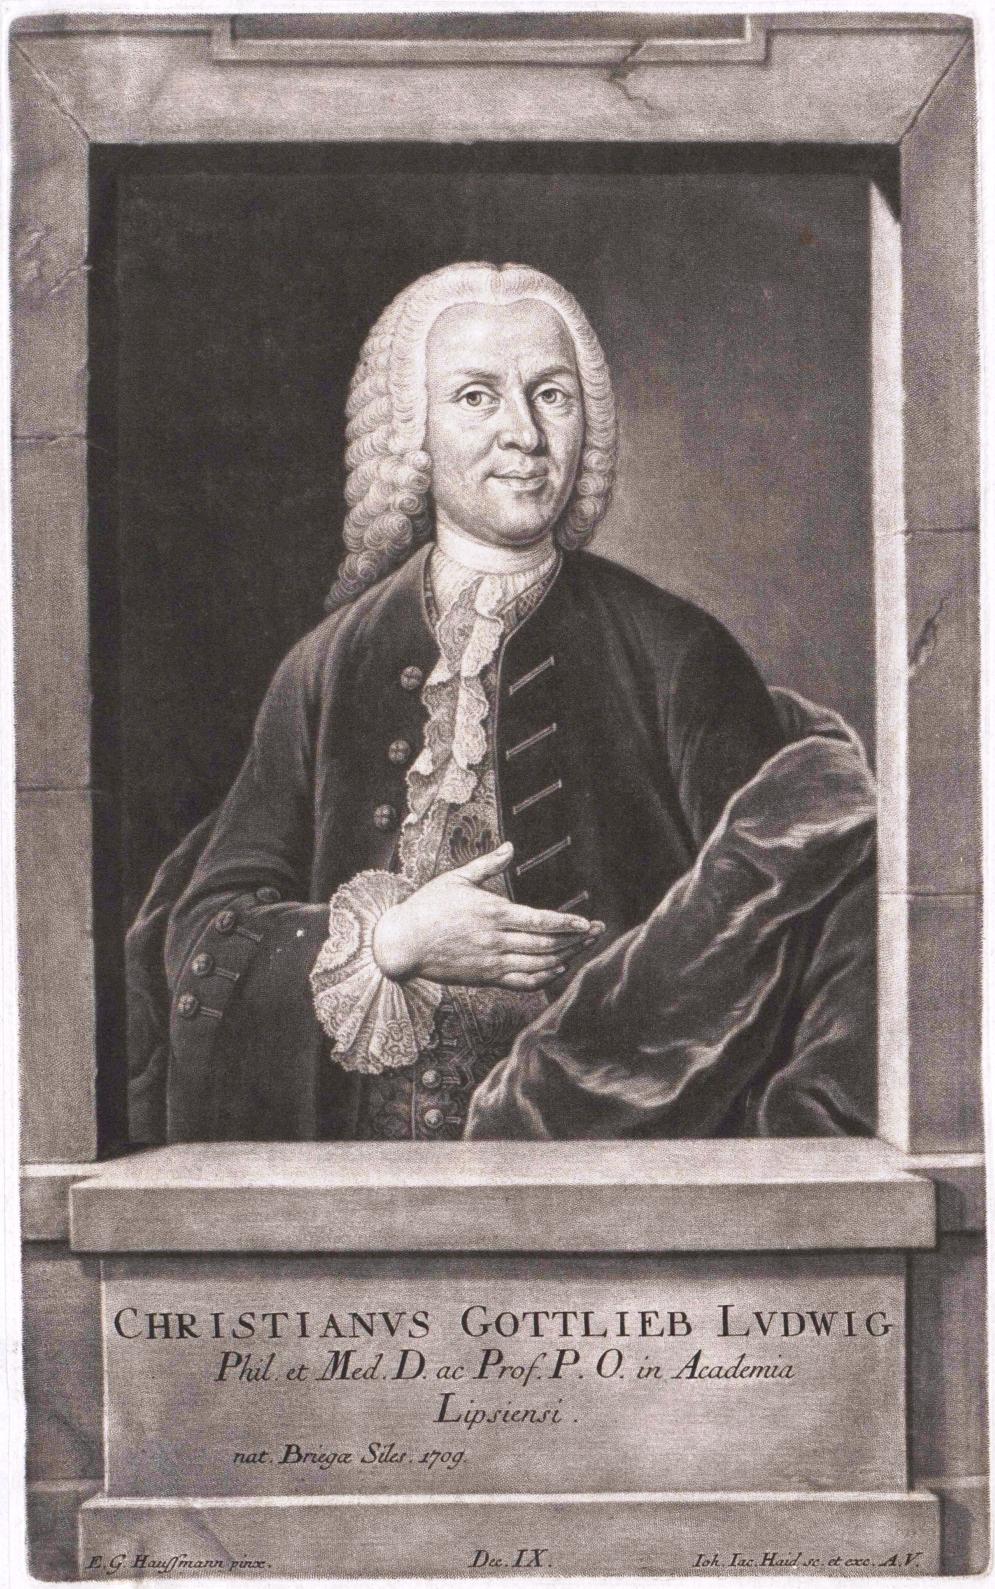 Christian Gottlieb Ludwig